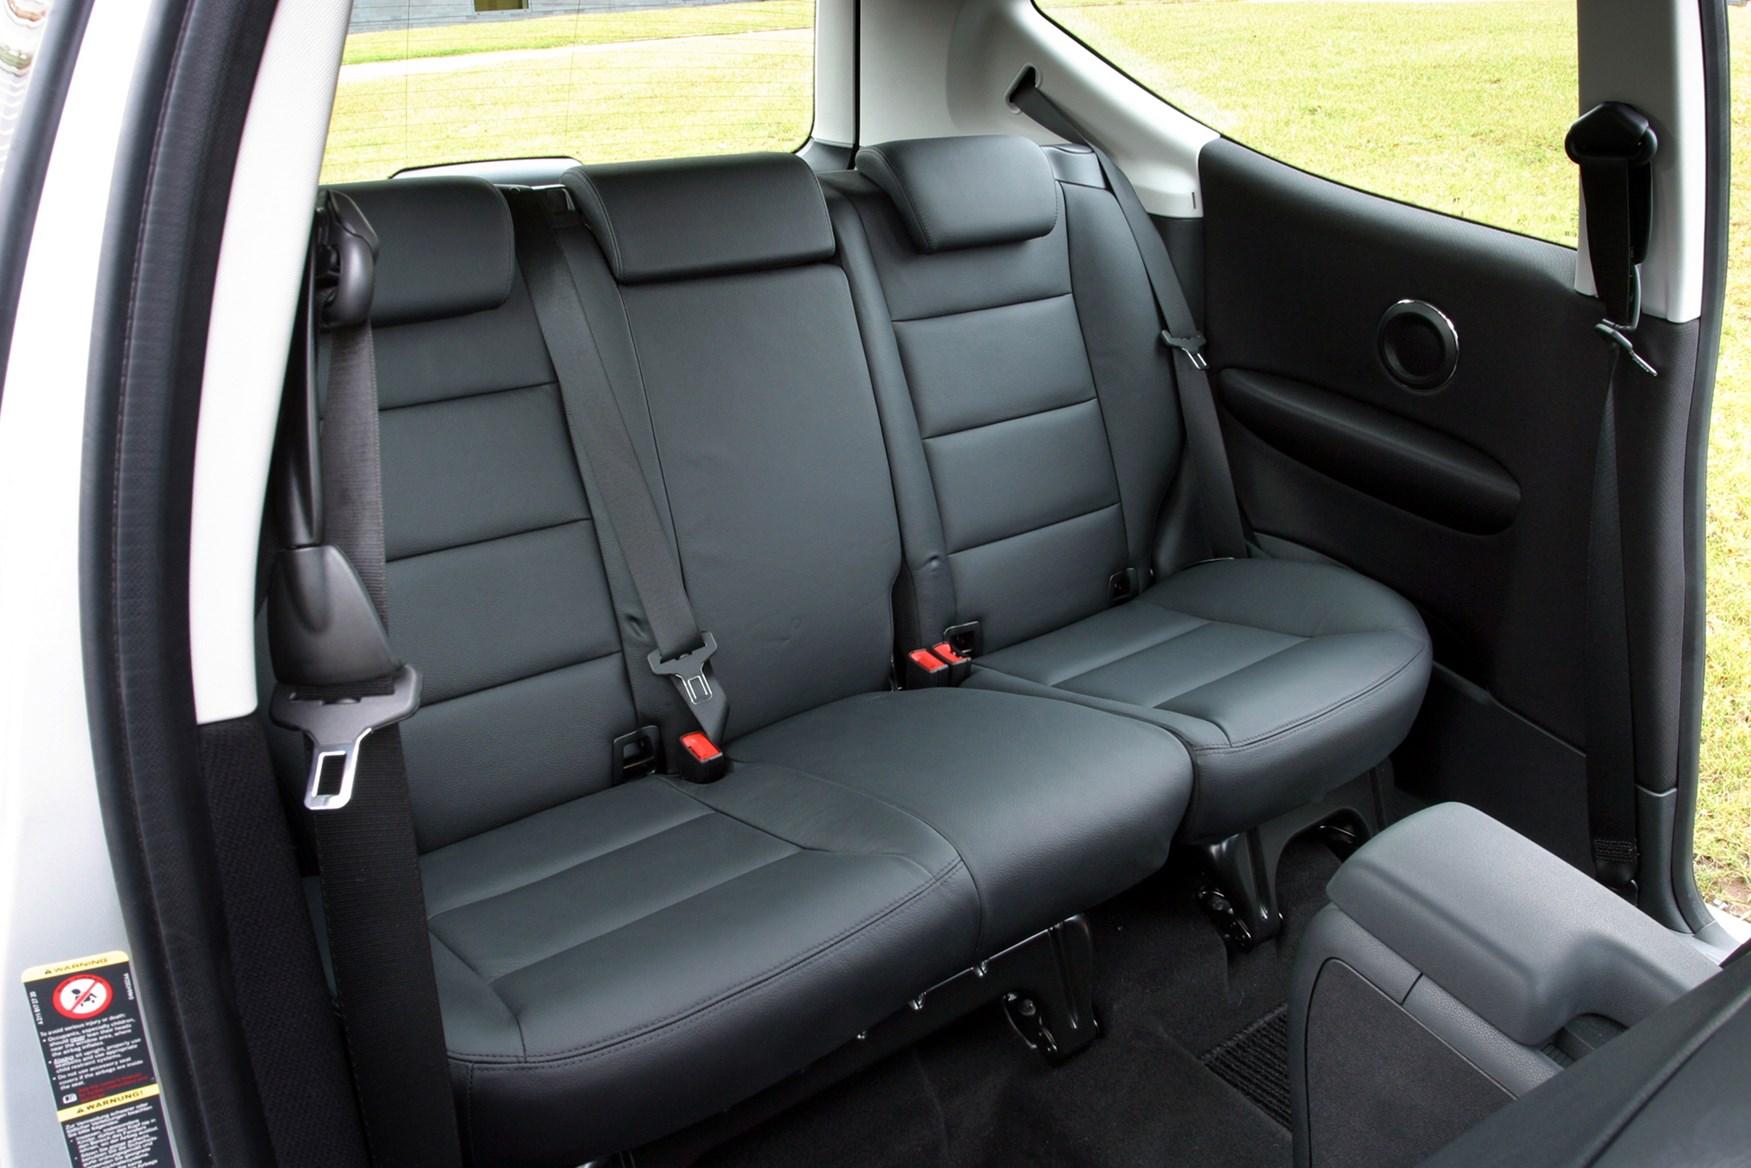 Mercedes-Benz A-Class Hatchback (2005 - 2012) Photos | Parkers